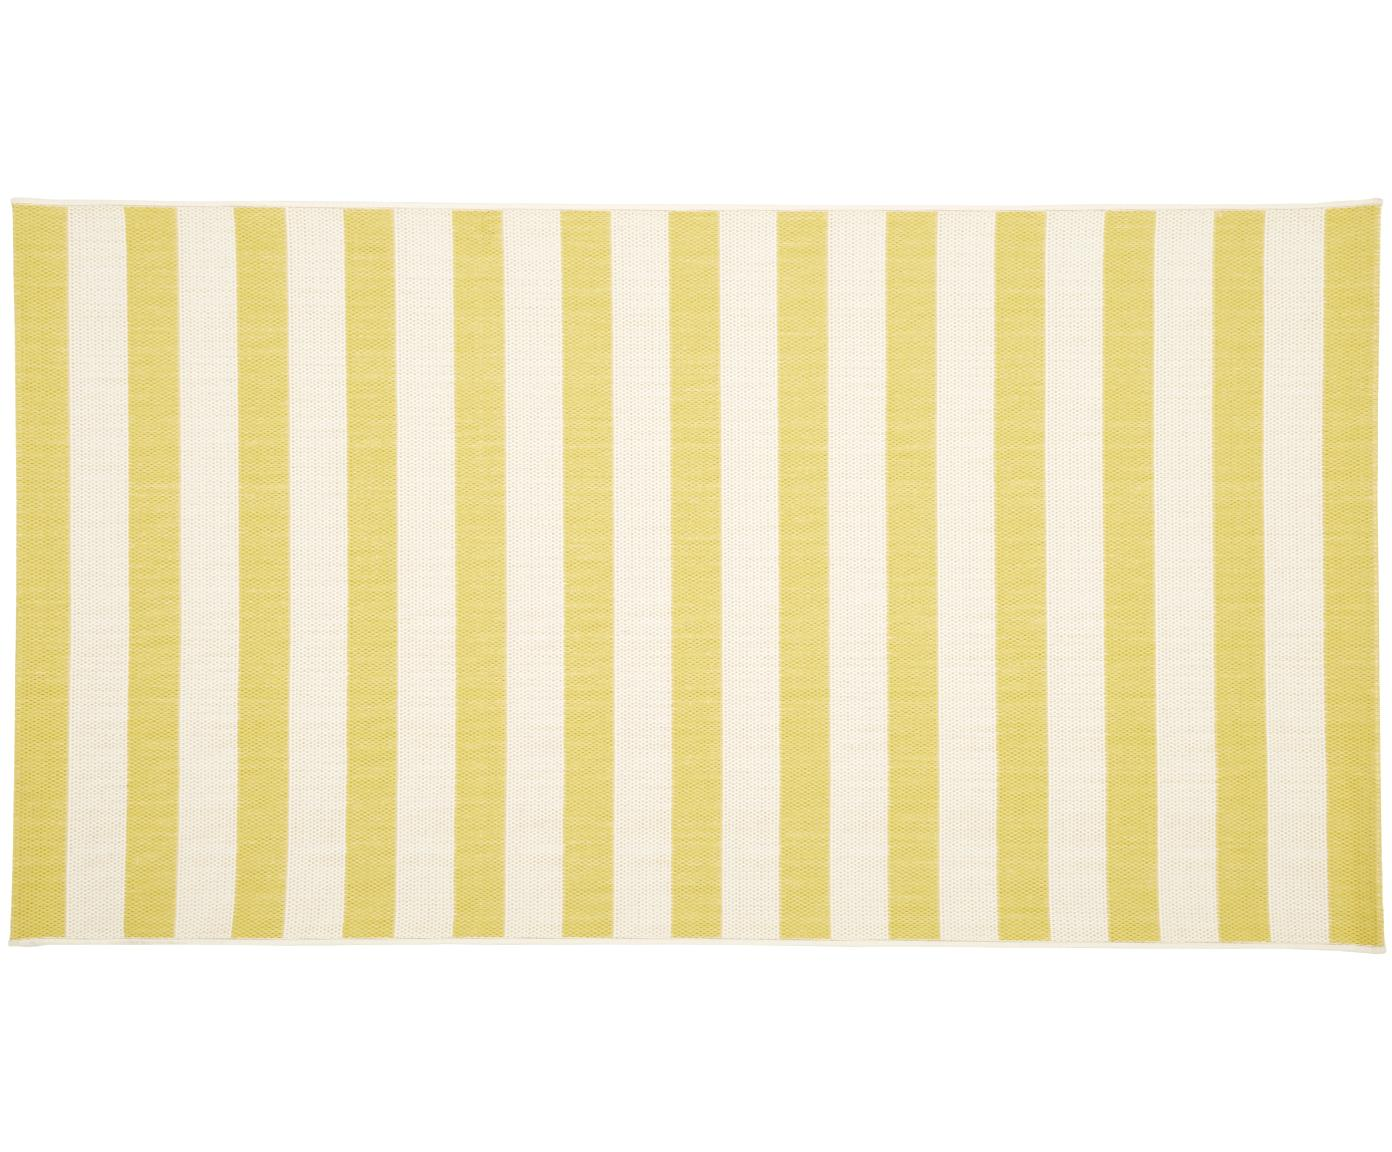 Gestreifter In- & Outdoor-Teppich Axa in Gelb/Weiss, Flor: 100% Polypropylen, Cremeweiss, Gelb, B 80 x L 150 cm (Grösse XS)